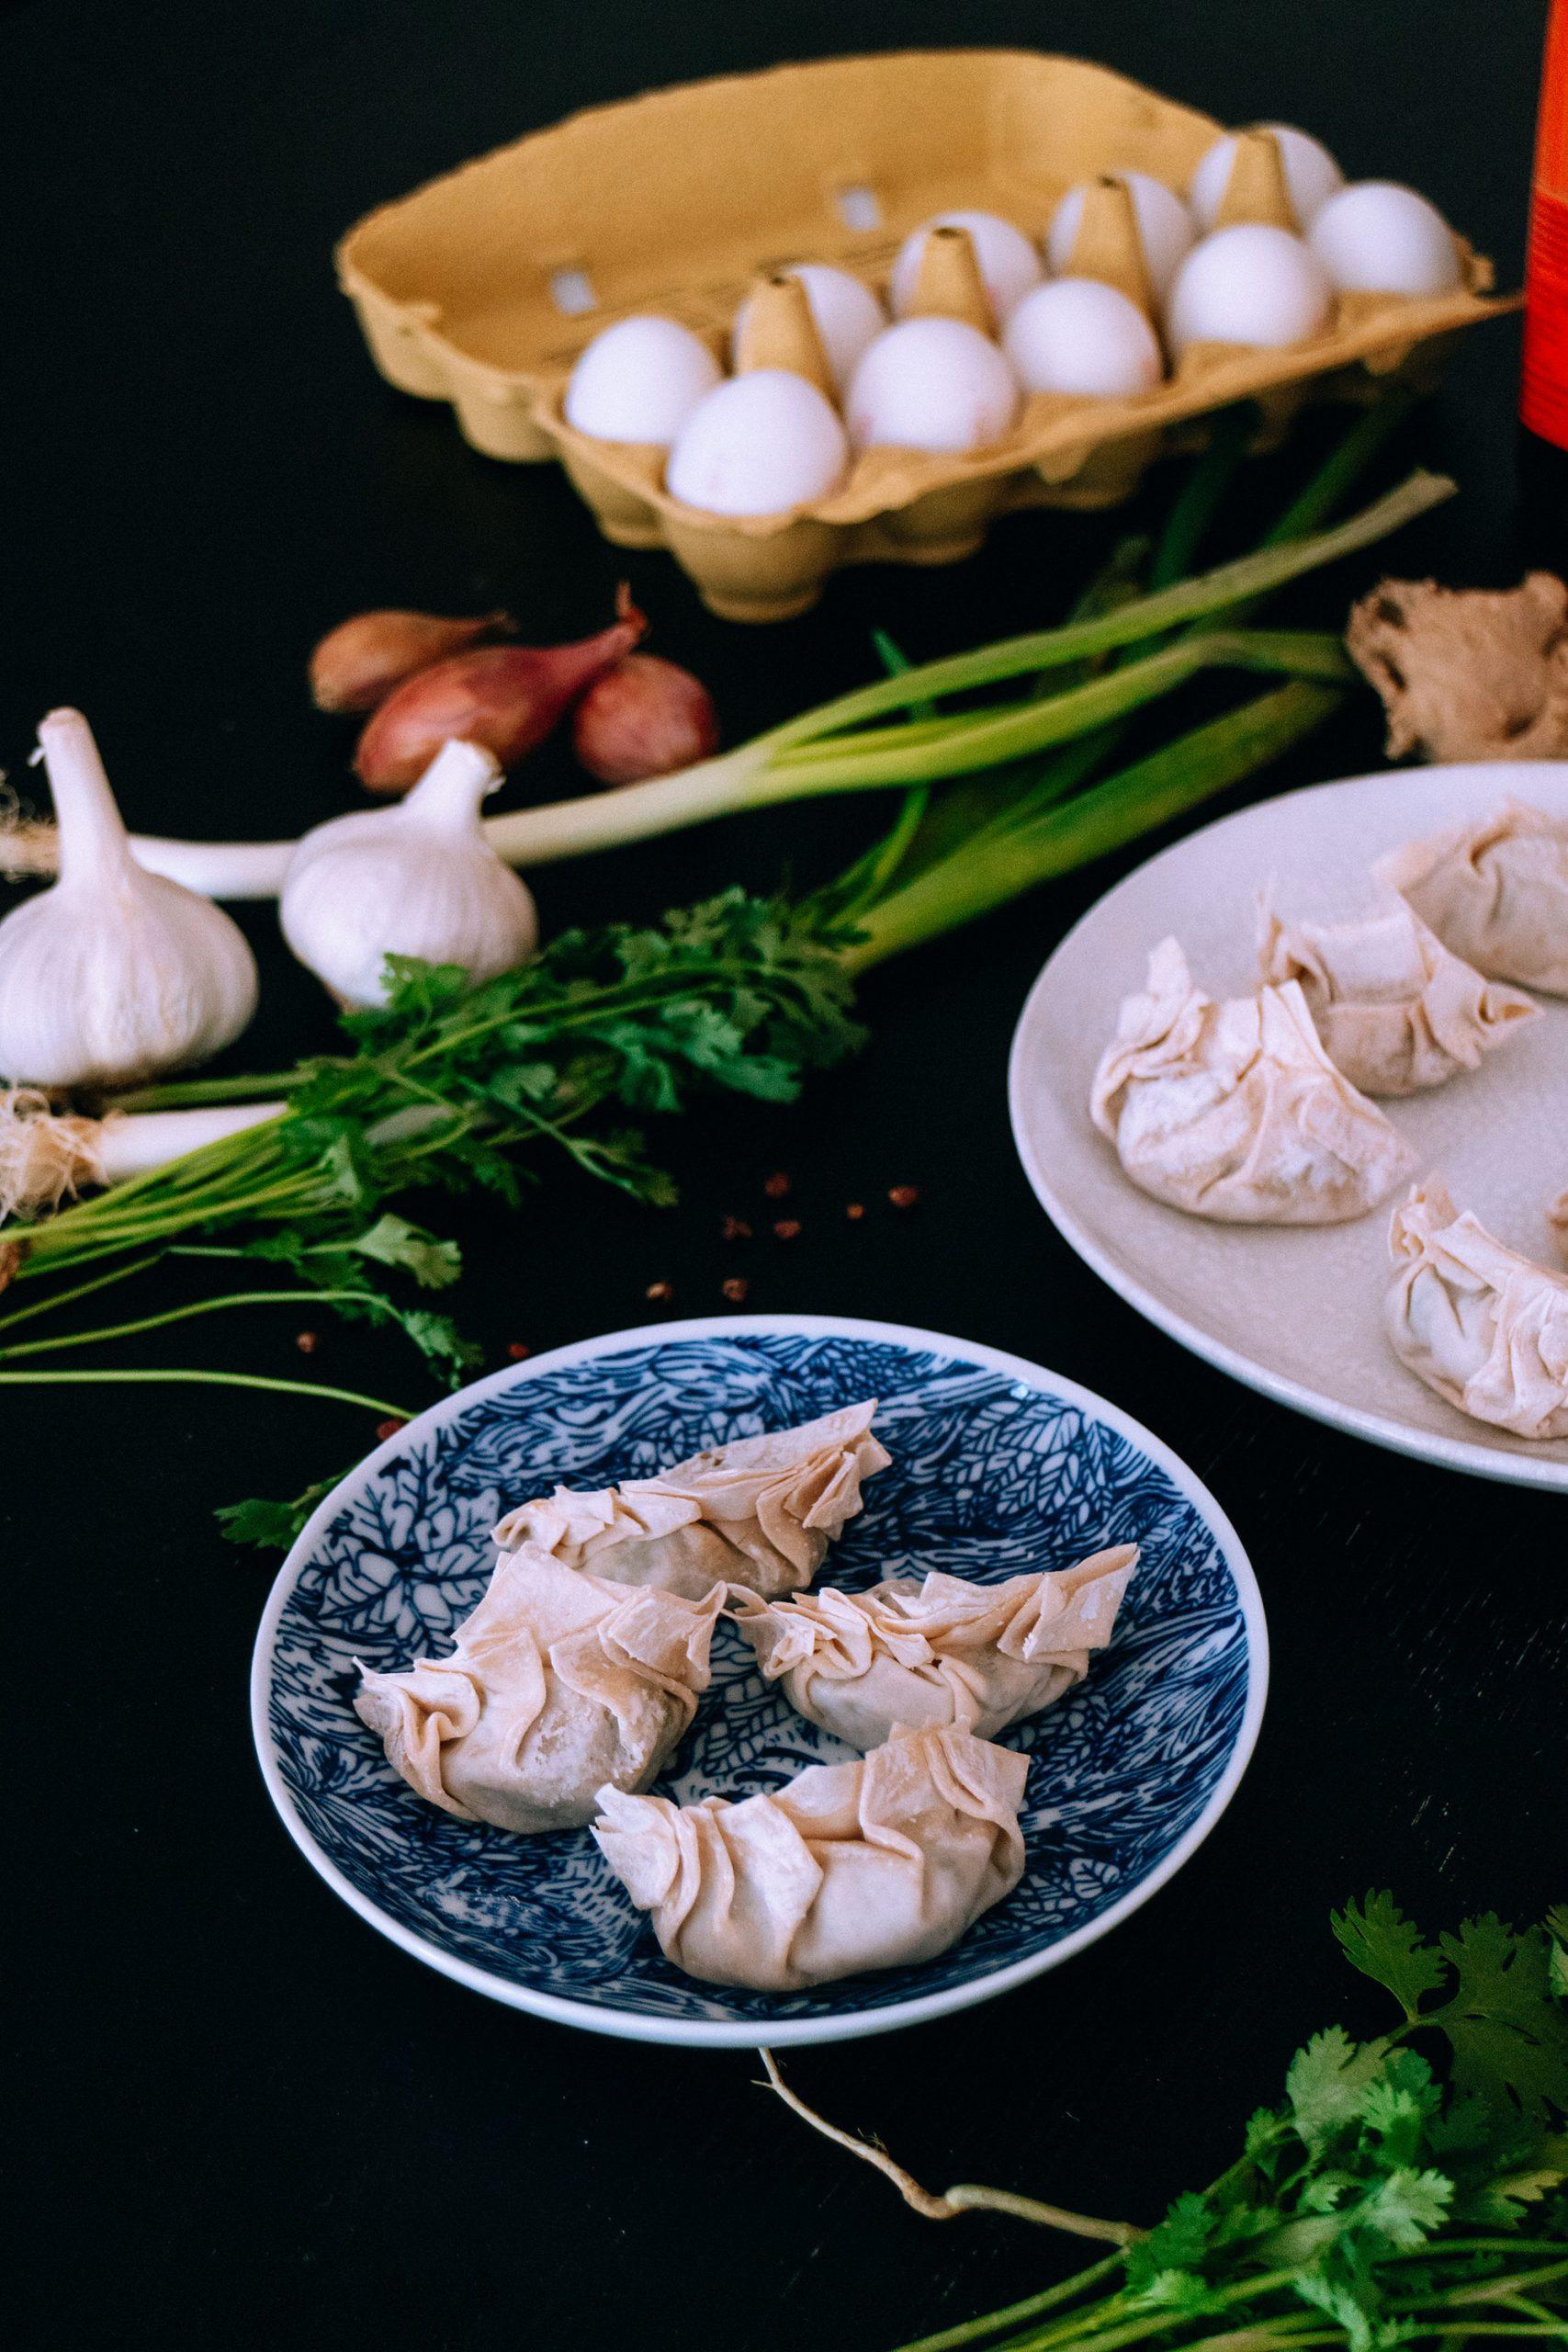 Juicy Pork & Shrimp Dumplings Recipe / Authentische Schweine-Shrimp Dumplings Rezept für zu Hause / iHeartAlice.com - Travel, Lifestyle, Food & Fashionblog by Alice M. Huynh / Chinese Dumplings (Dim Sum)